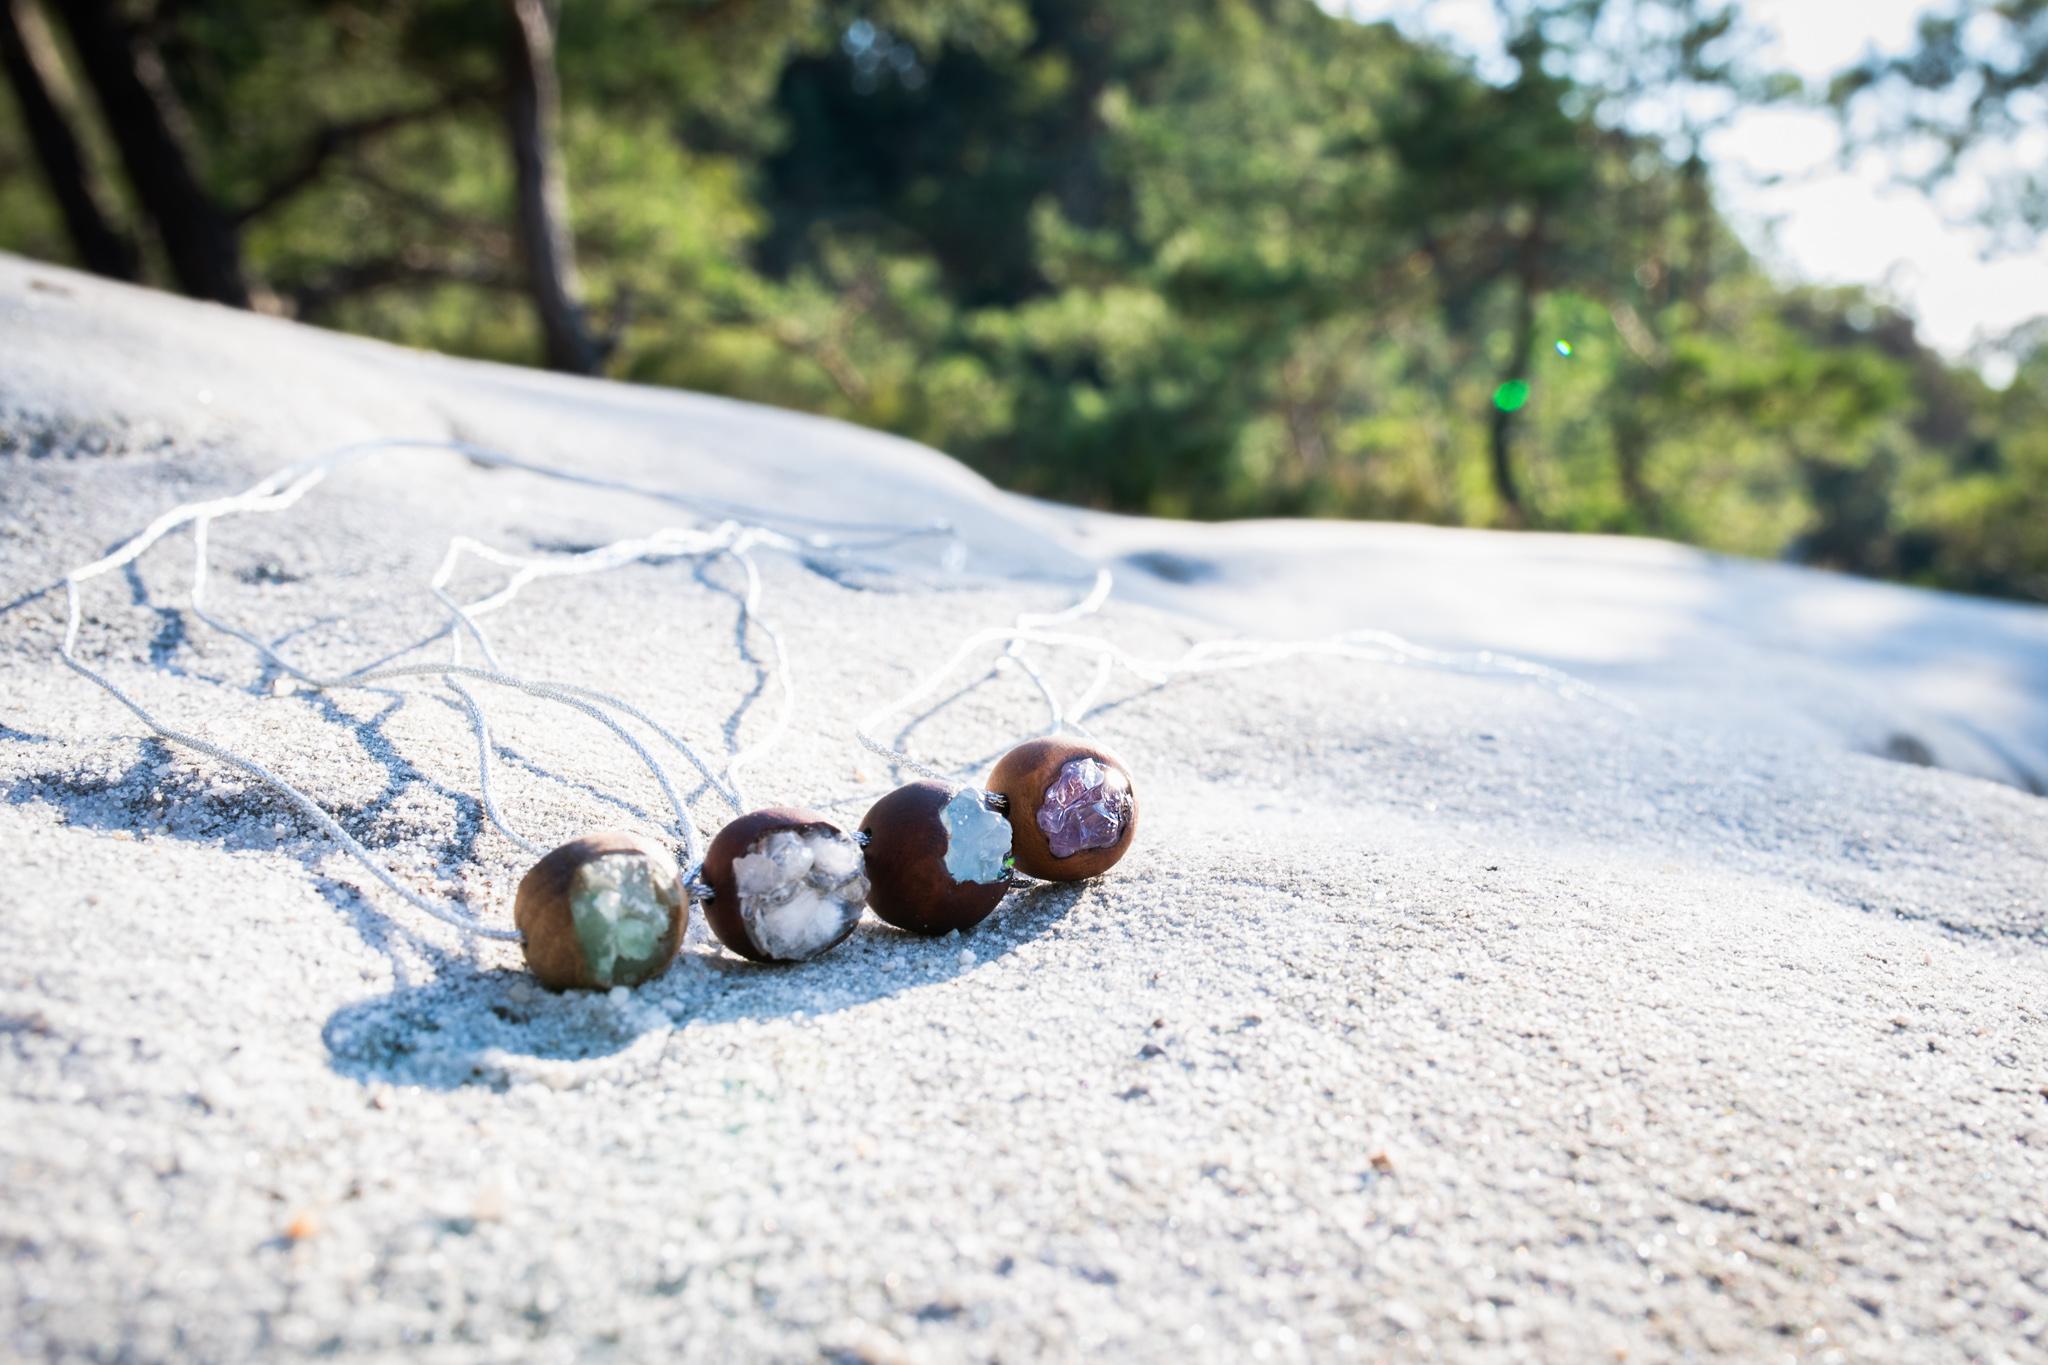 Prasklinky z českých dřevin ♡ s osazenými kameny - fialový ametyst, zelený avanturín, modrý celestin a bílý křišťál ♡ Prasklinka je vyrobená ručně od začátku až do konce v mé skromné dílničce. Každý kousek je jedinečný a neopak